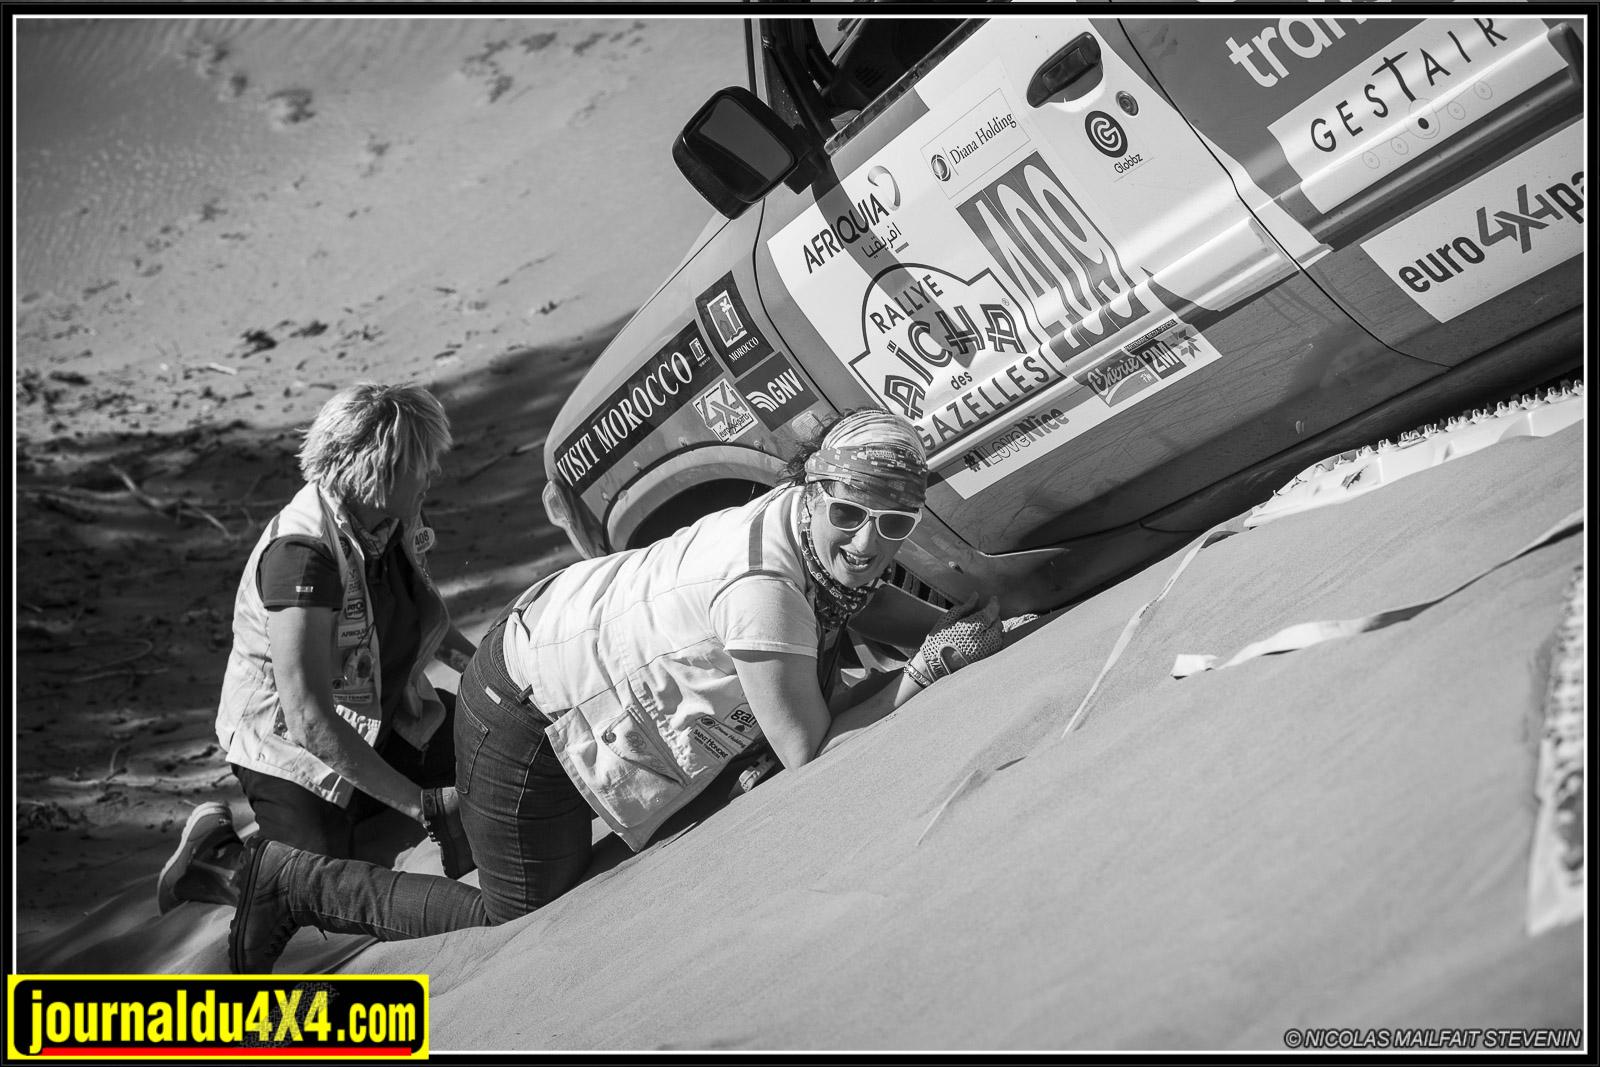 rallye-aicha-gazelles-maroc-2017-7124.jpg